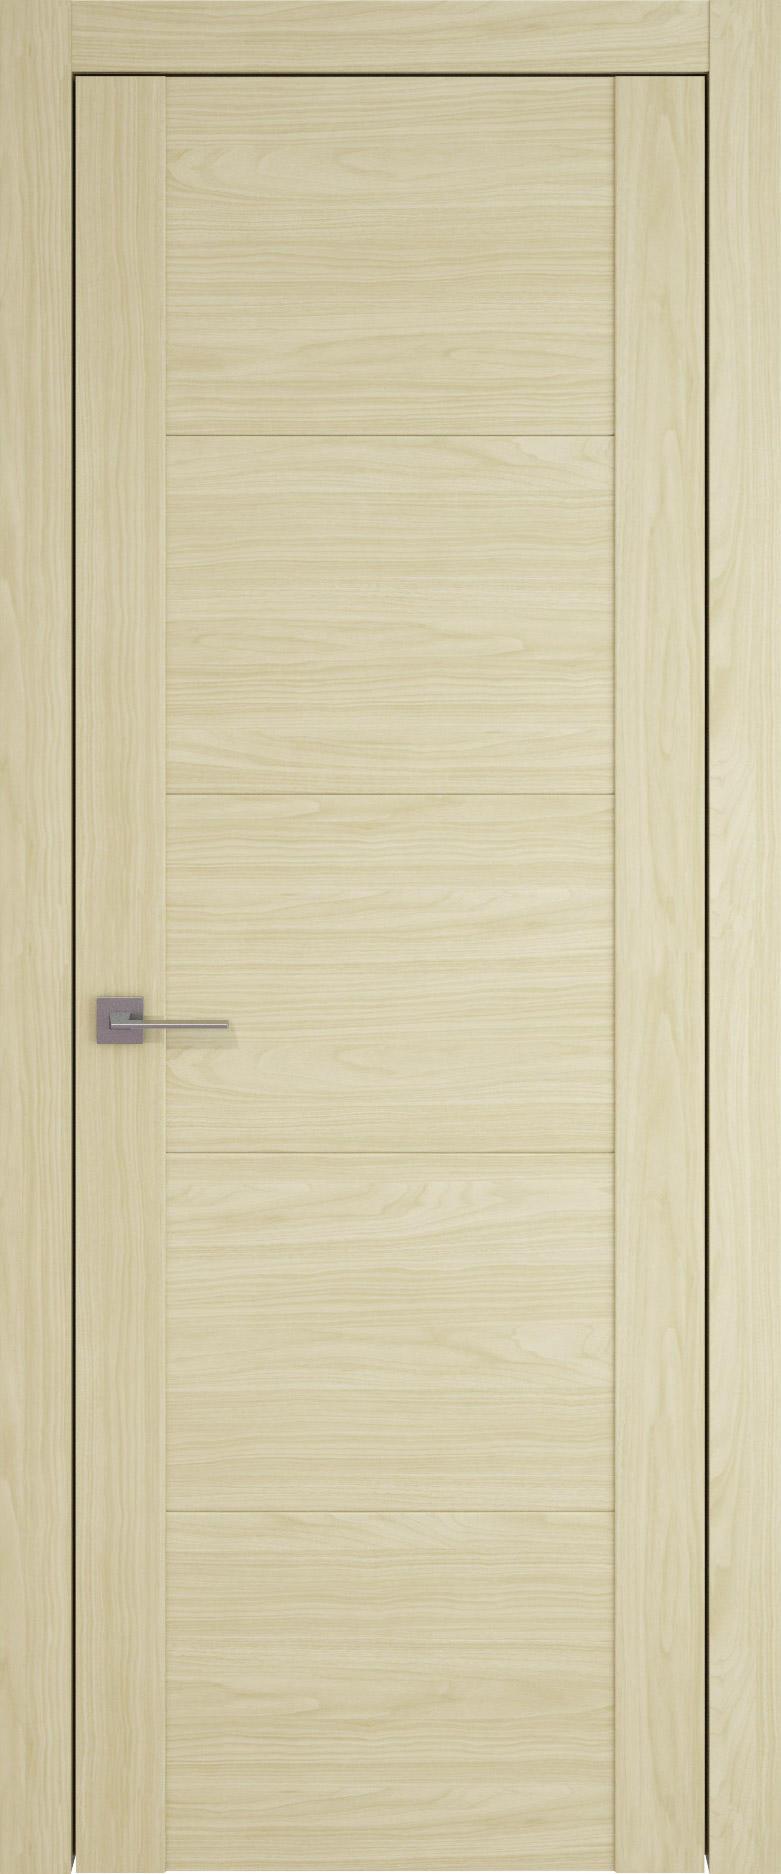 Maggiore цвет - Дуб нордик Без стекла (ДГ)